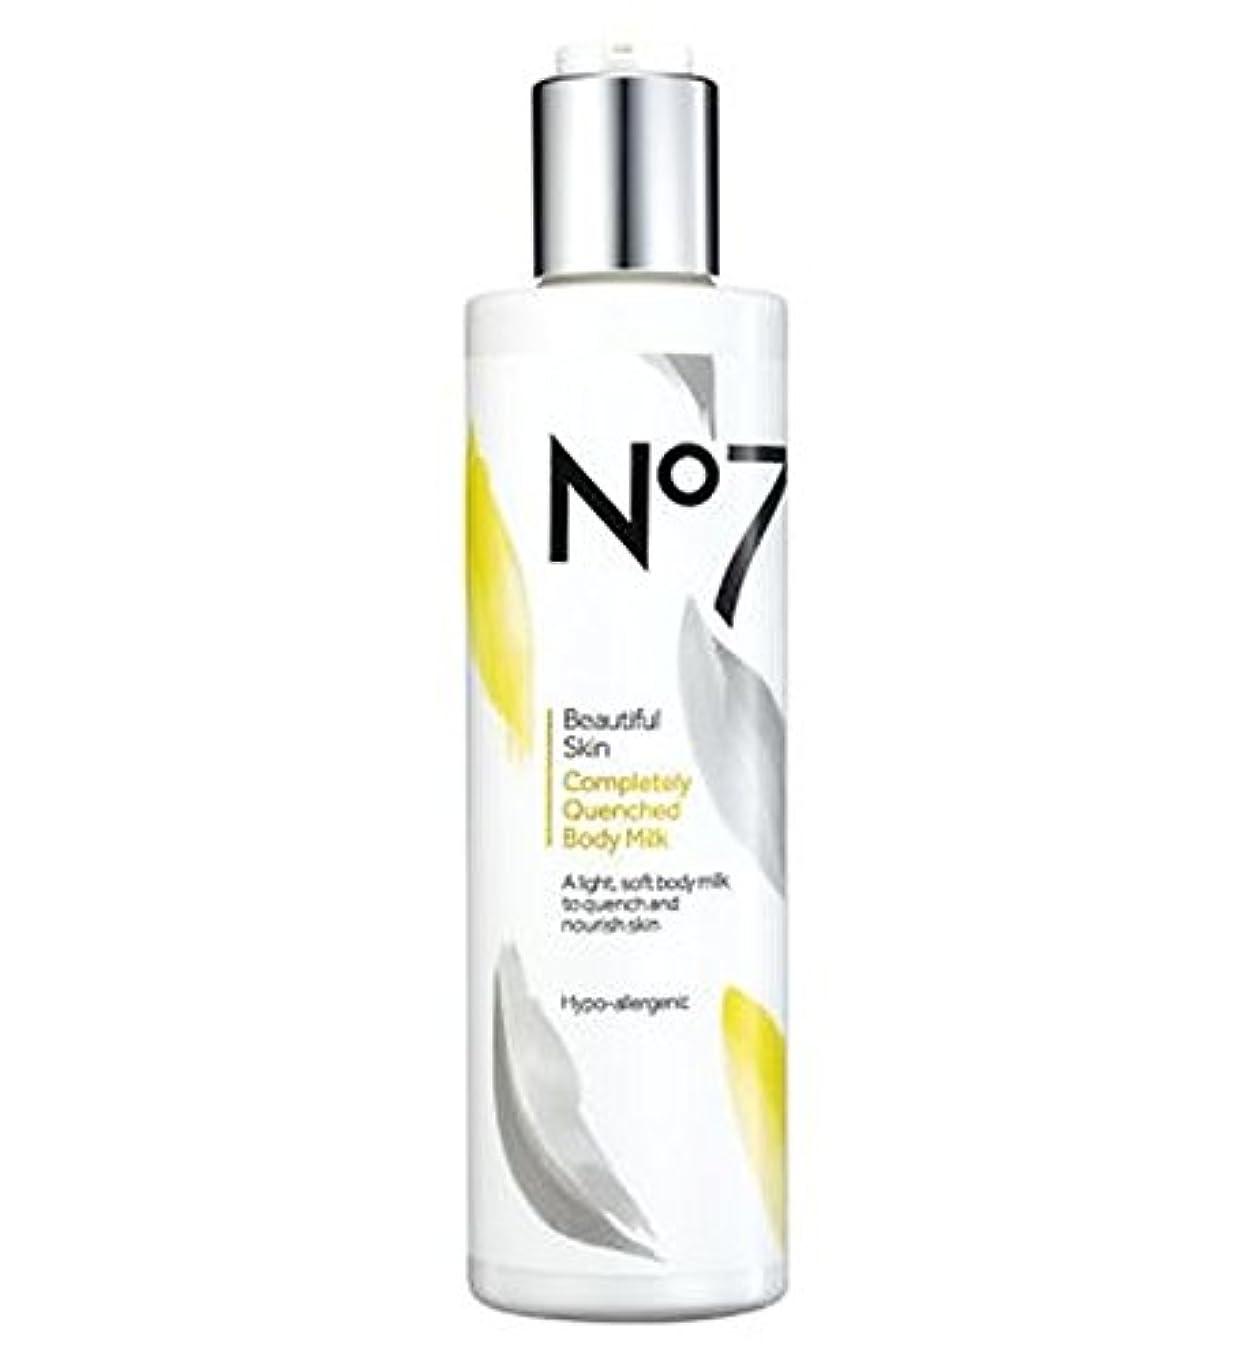 反逆花火知覚No7 Beautiful Skin Completely Quenched Body Milk - No7美しい肌完全に急冷ボディミルク (No7) [並行輸入品]